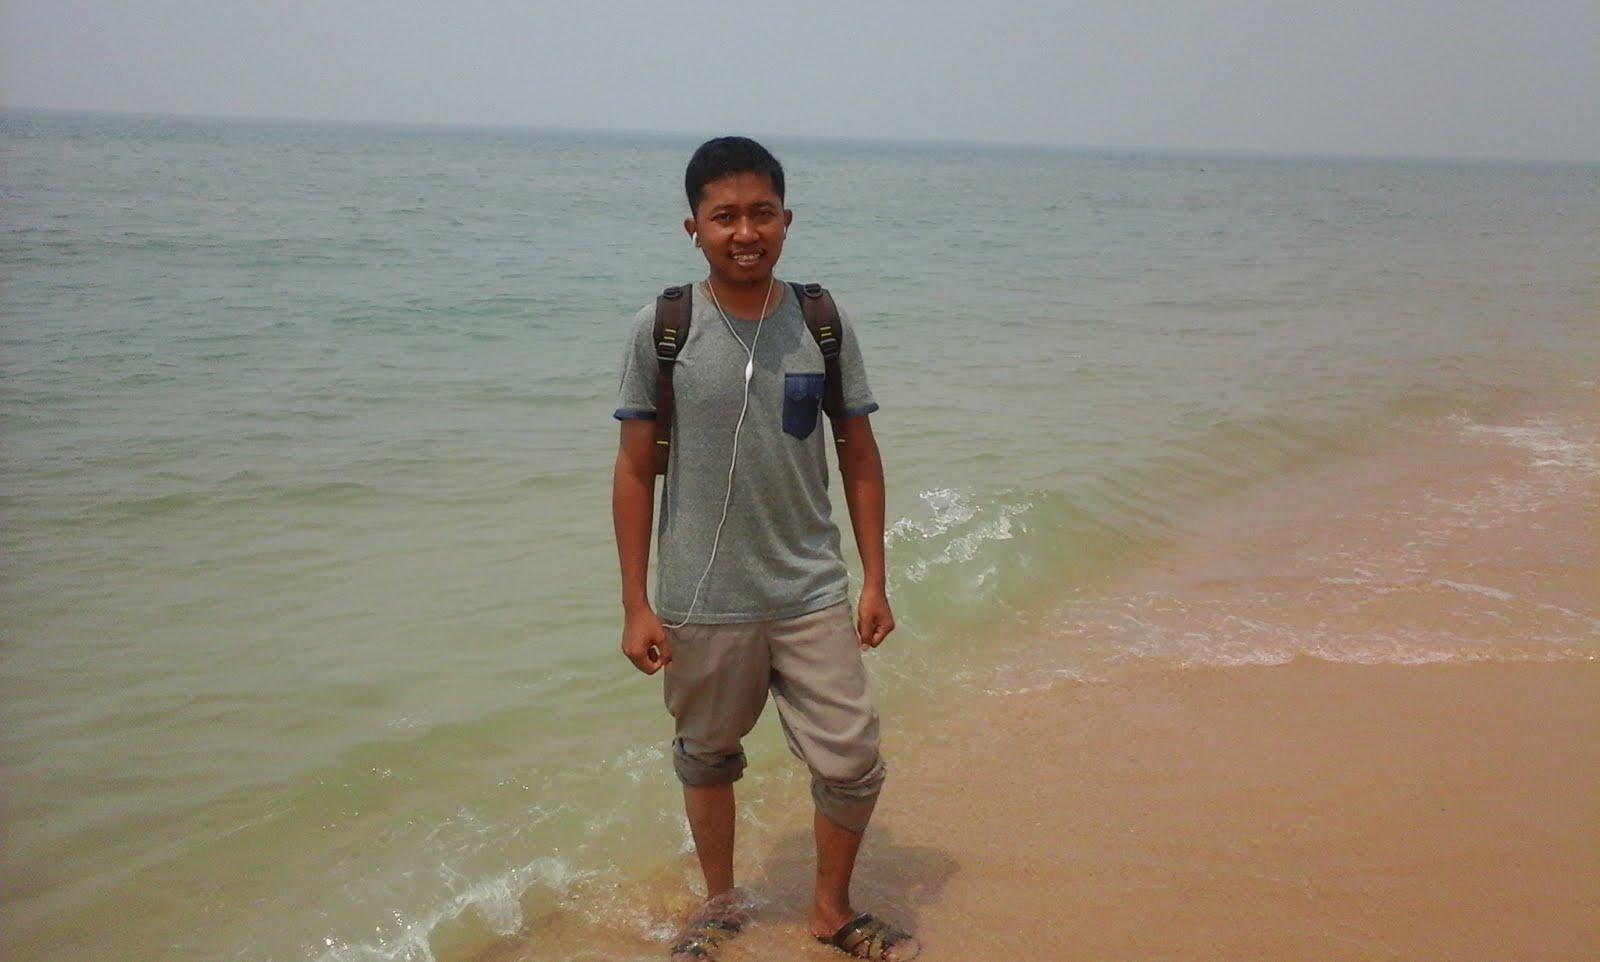 Pantai Tanjung Kalian, BANGKA